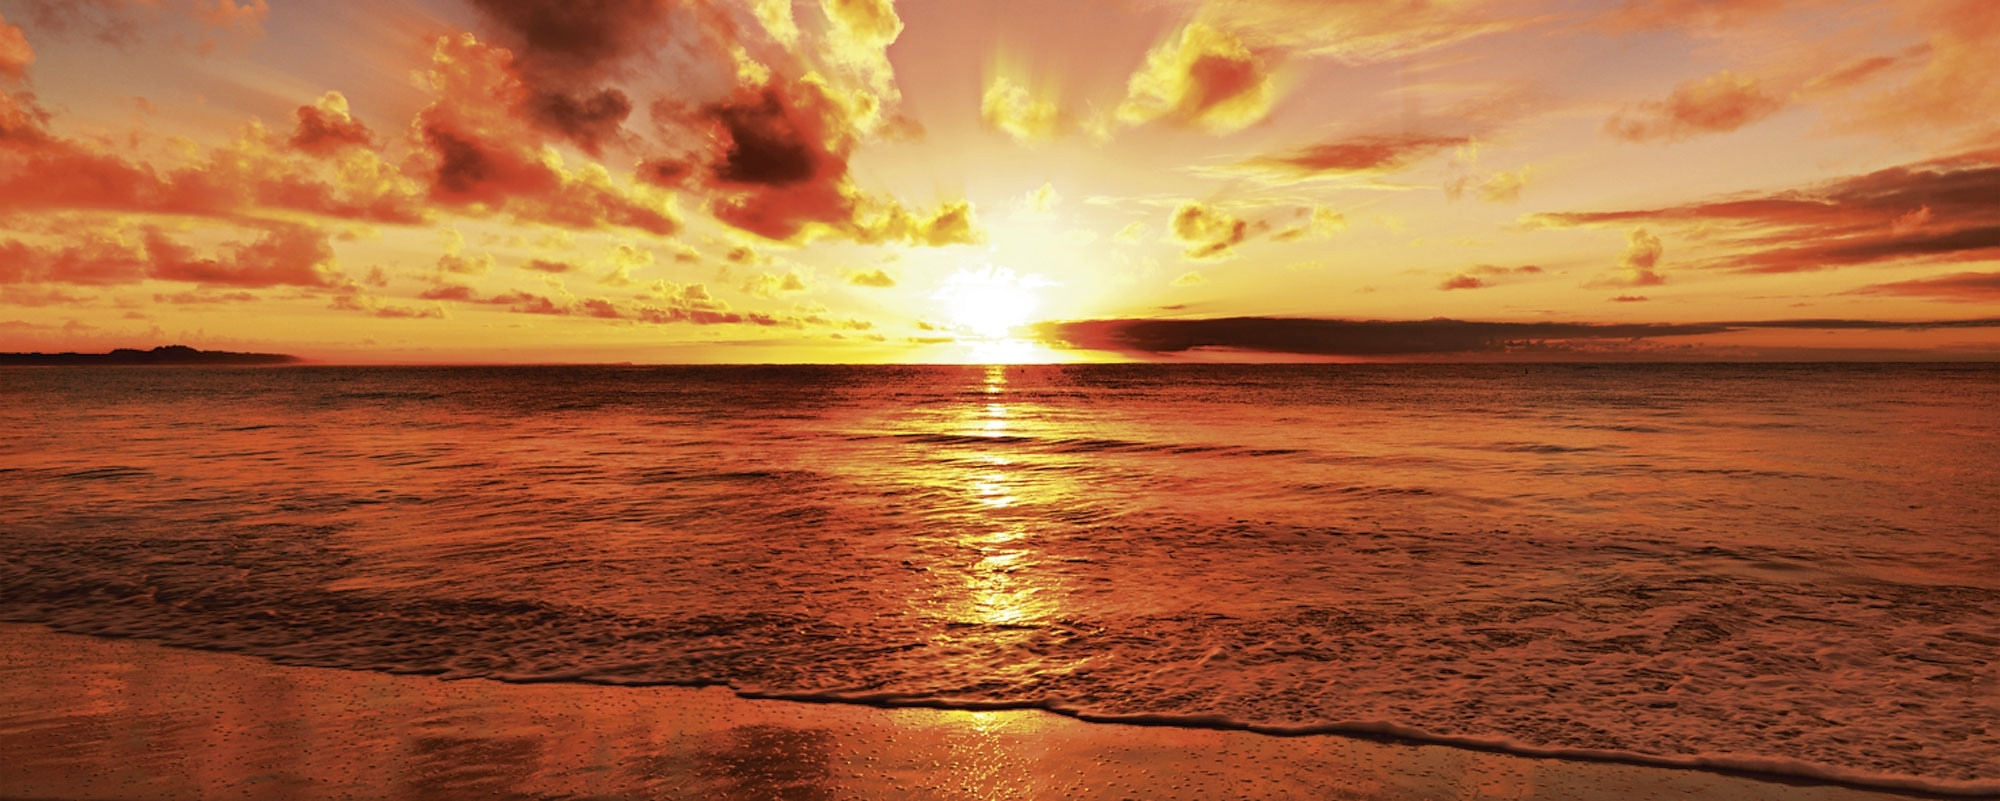 home affaire glazen artprint idizimage mooie tropische zonsondergang aan het strand 125x50. Black Bedroom Furniture Sets. Home Design Ideas